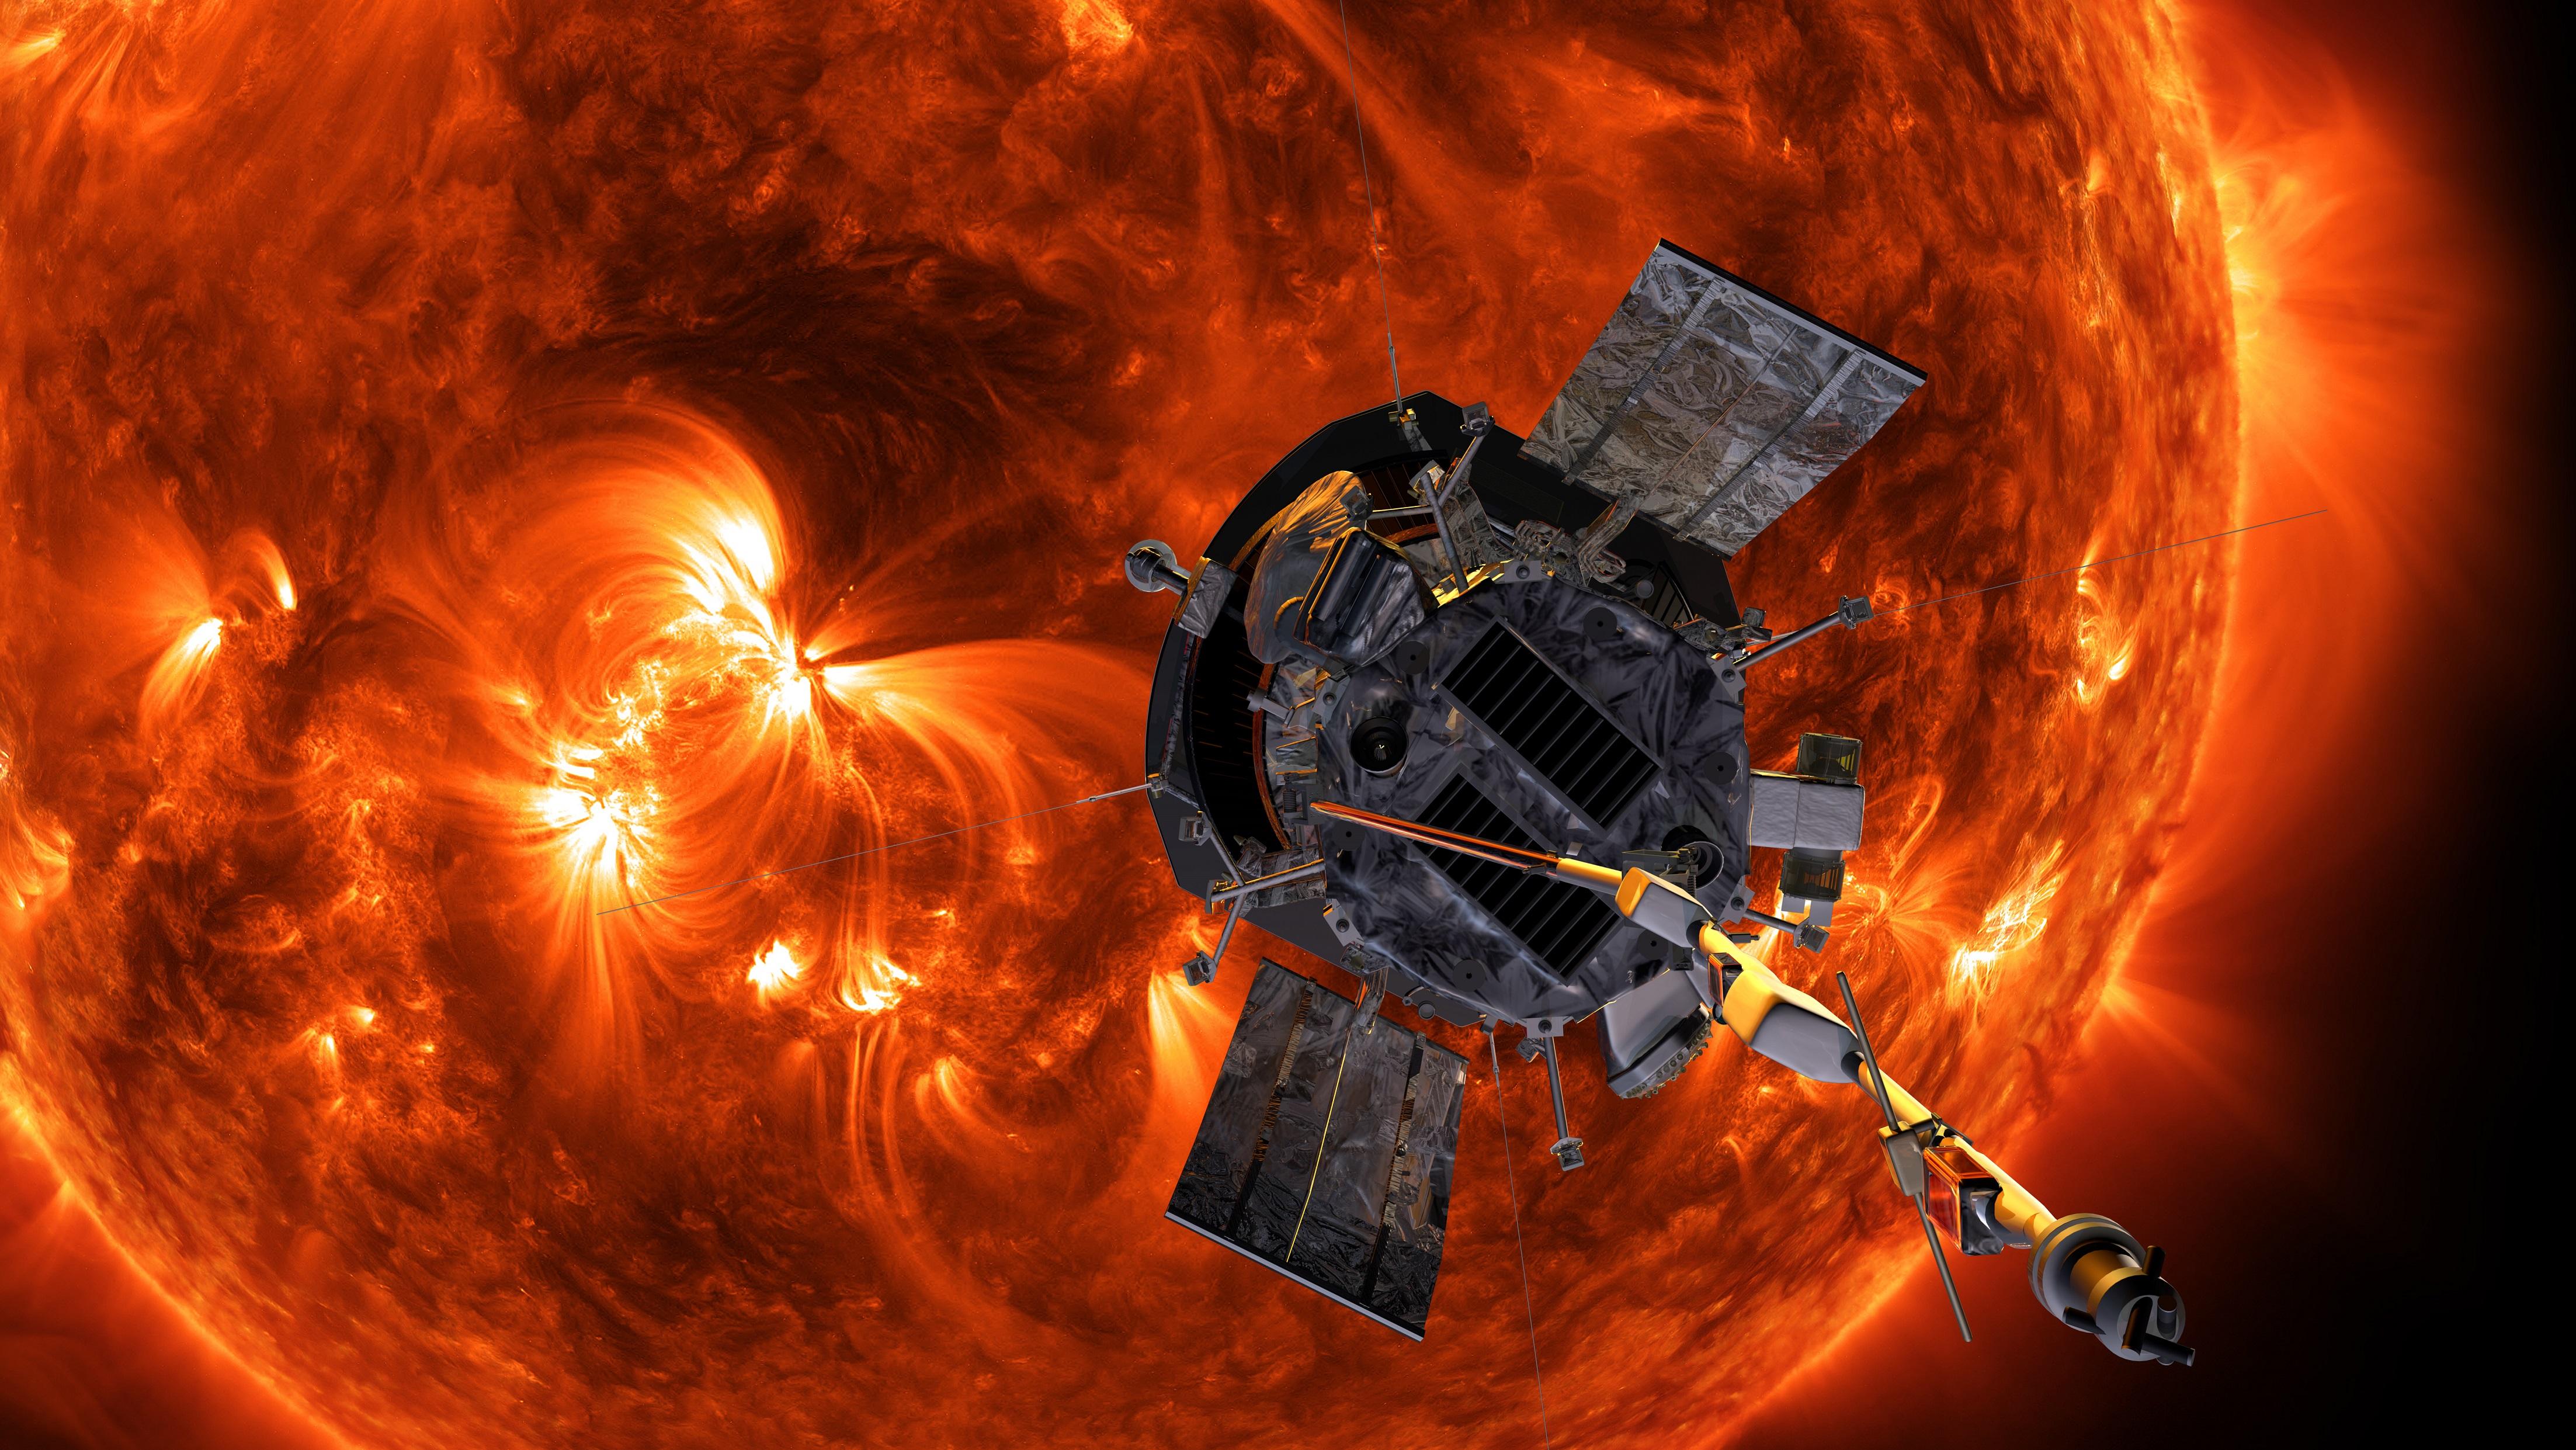 La sonde Parker de la NASA observe la fournaise solaire à une distance jamais approchée